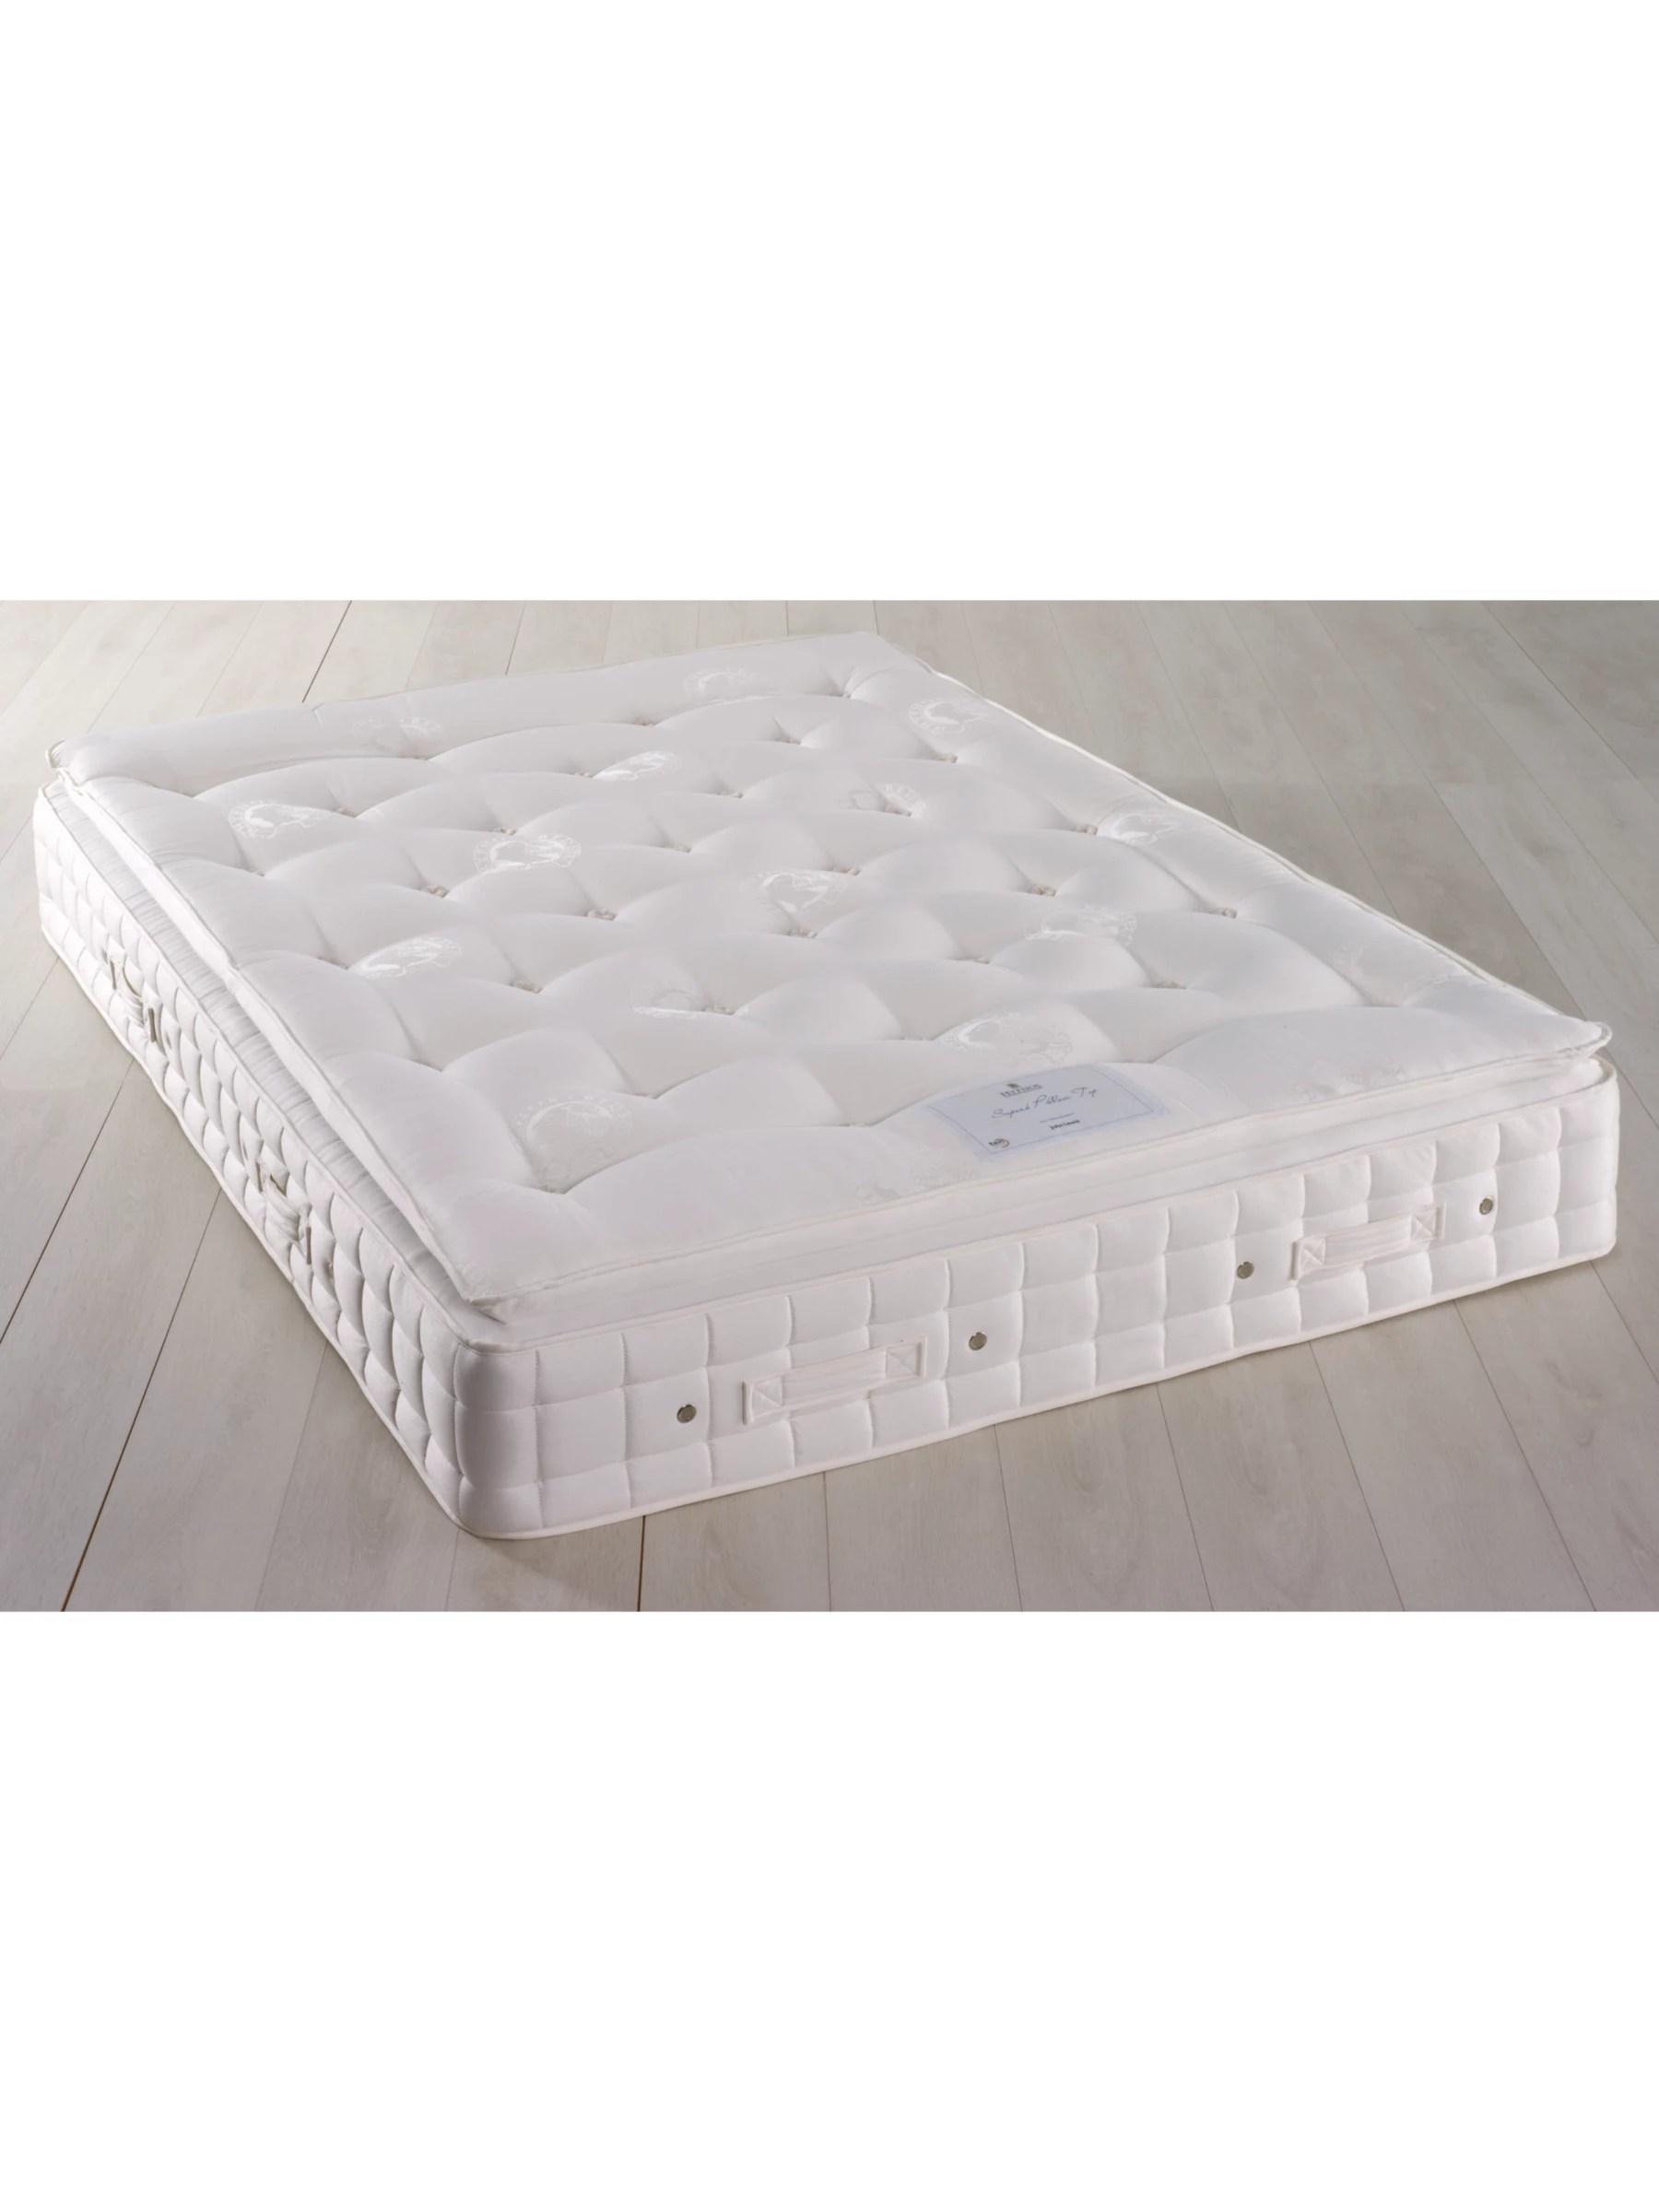 hypnos superb pillow top pocket spring mattress firm king size